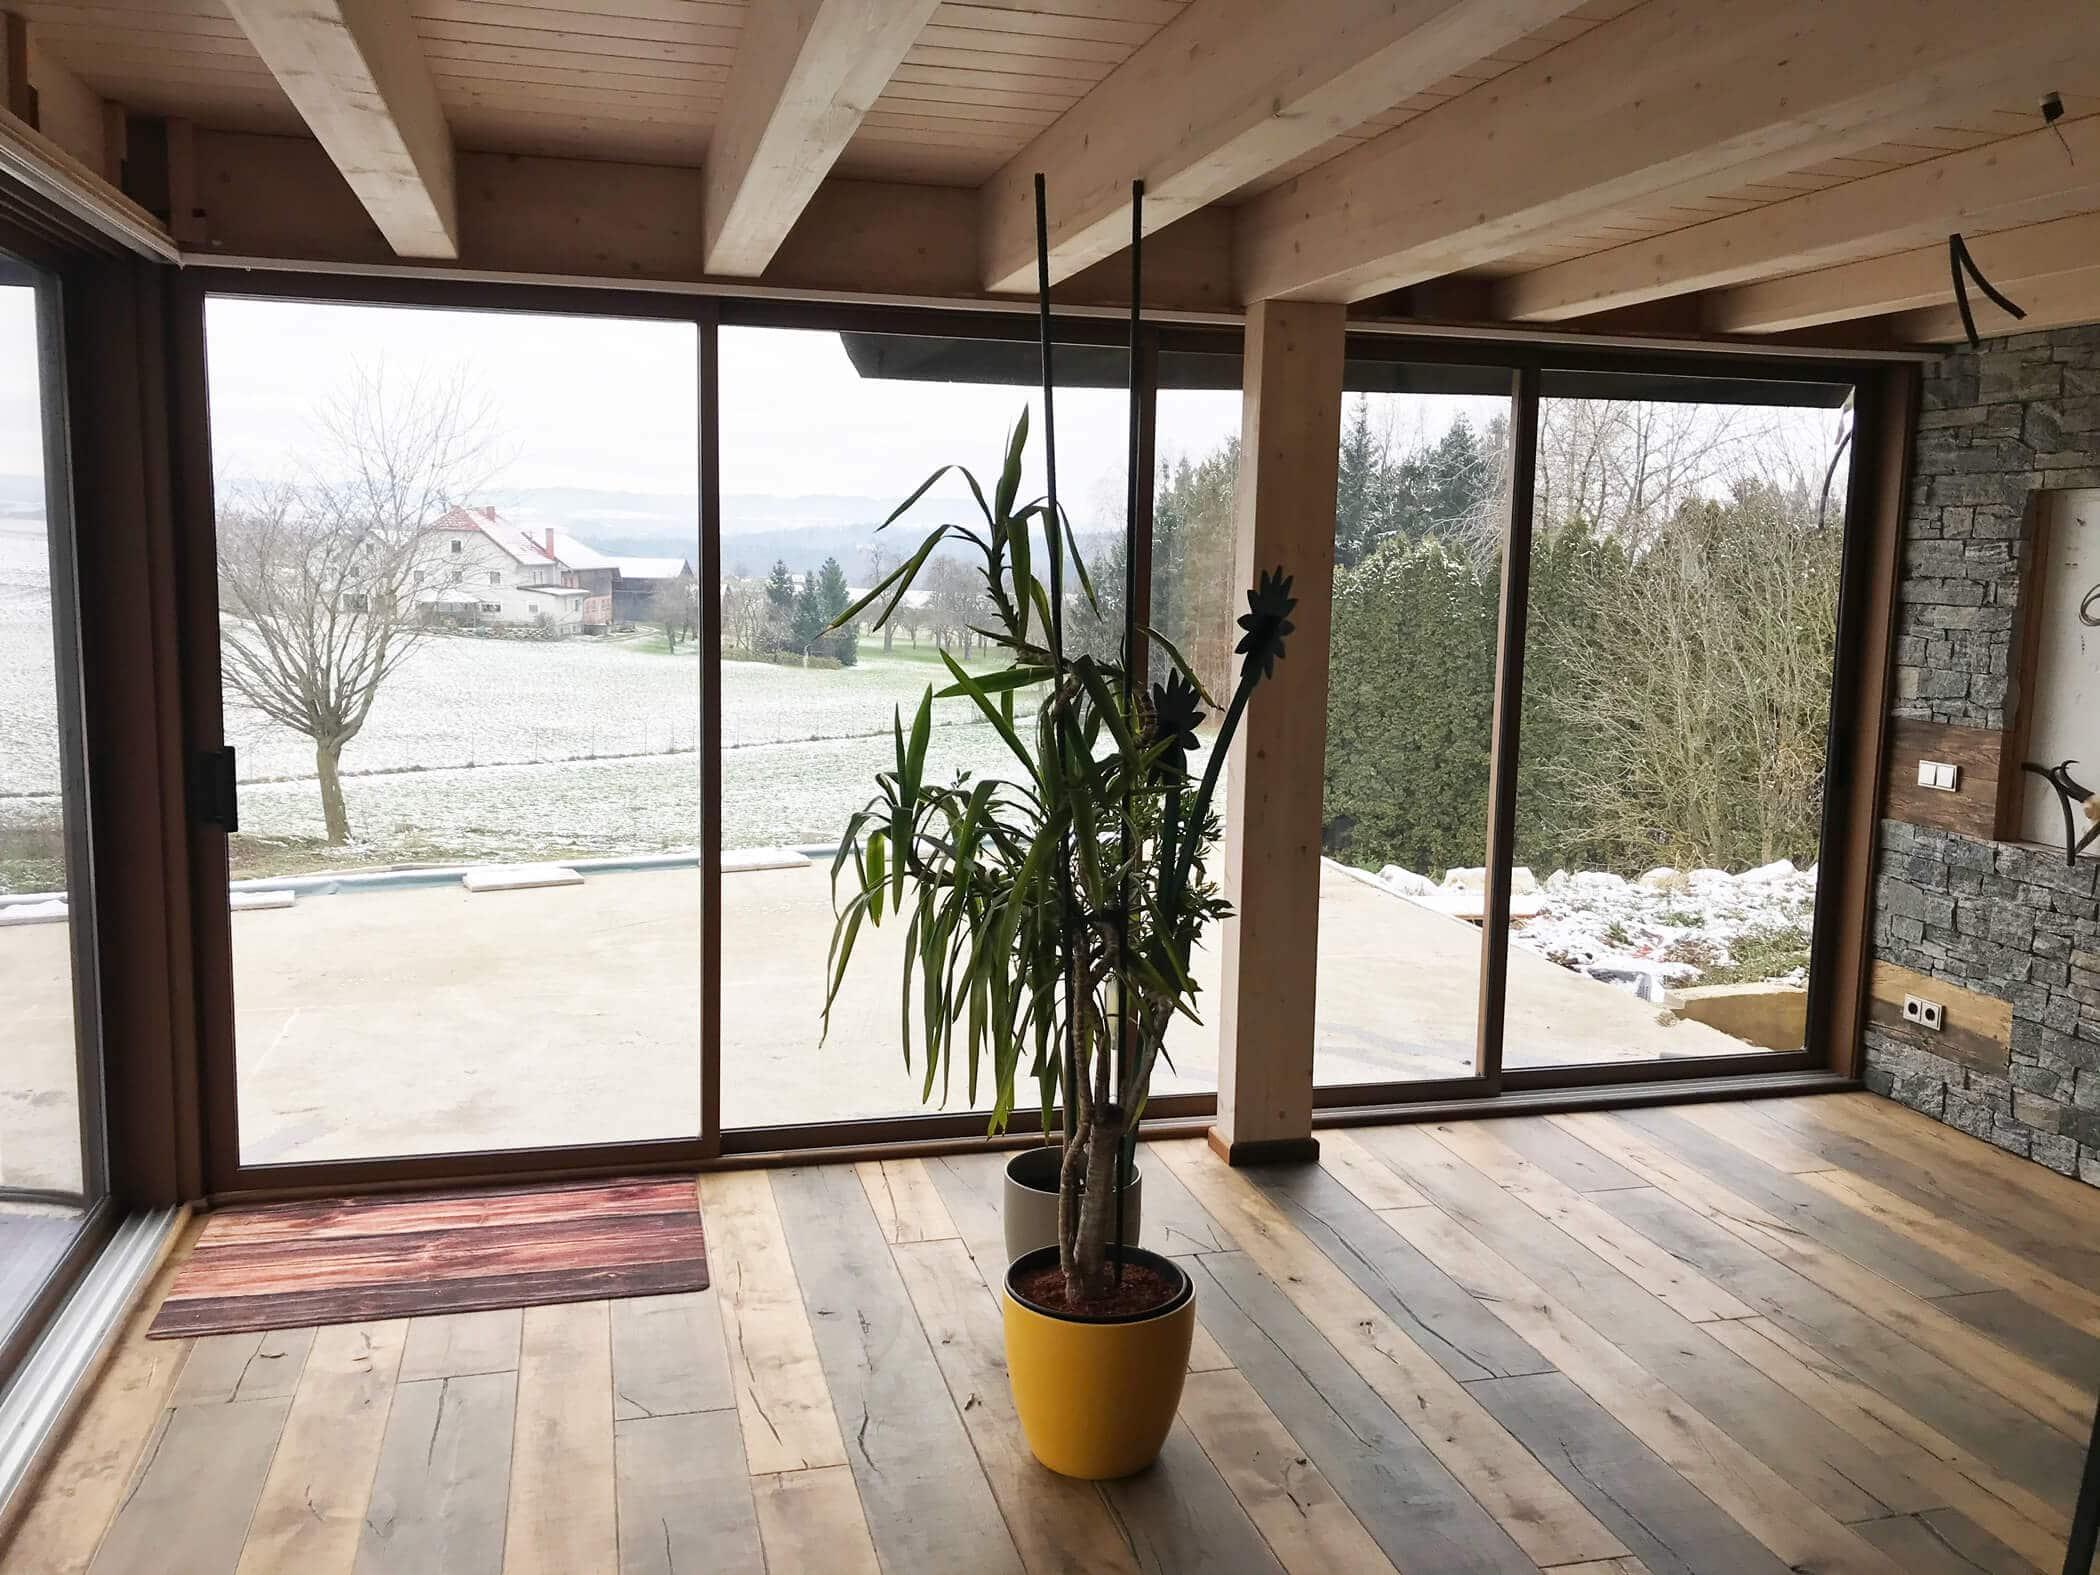 Terrassenverglasung Wohnraum erweitern